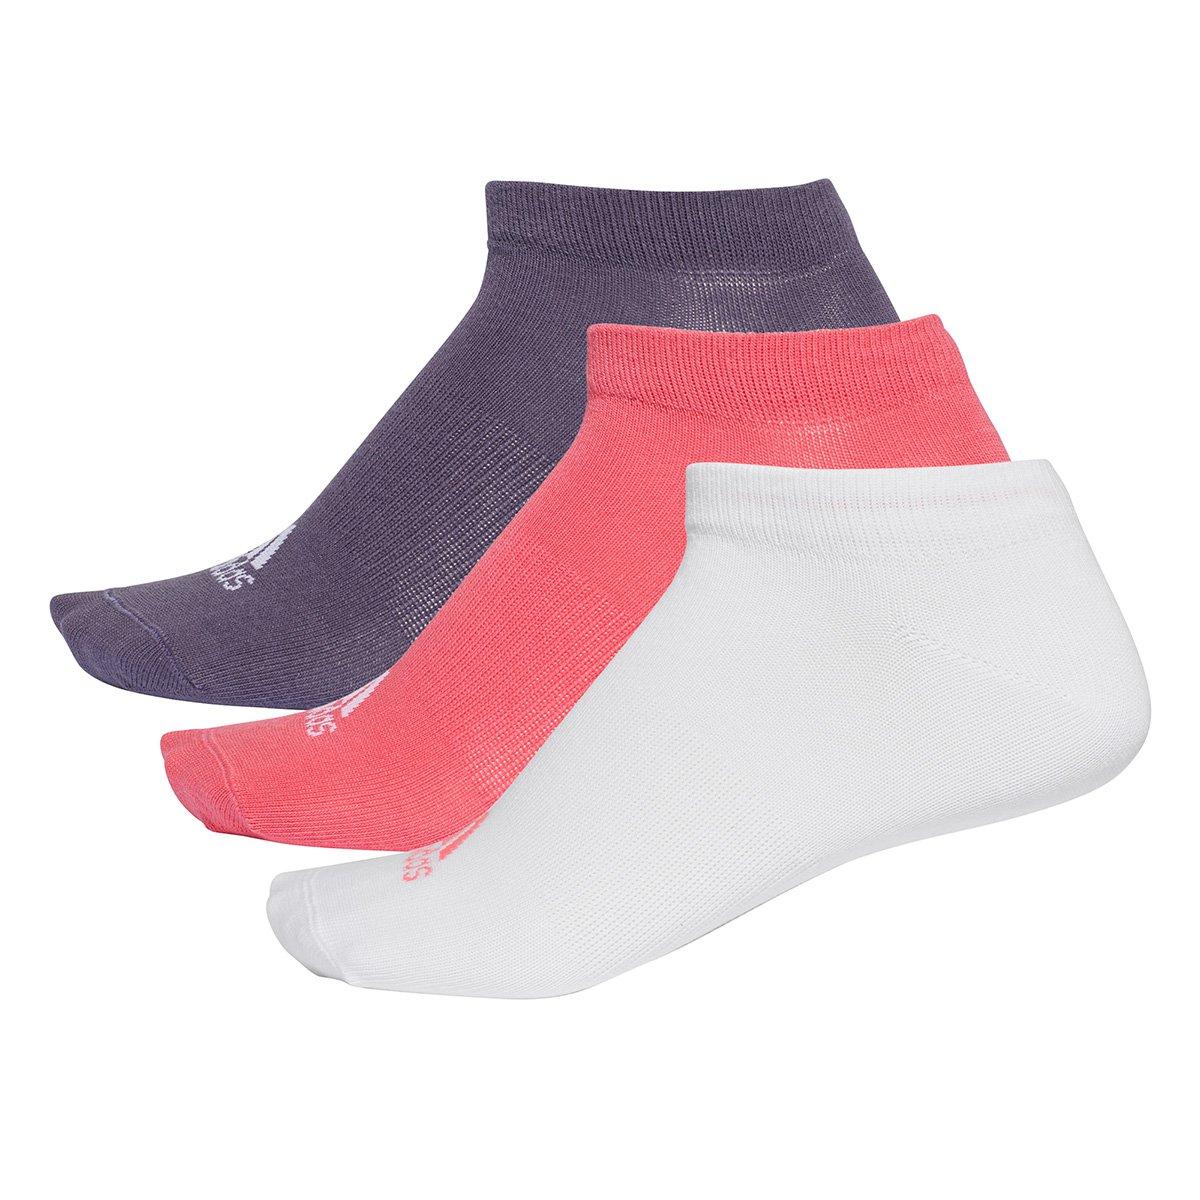 Meia Adidas Cano Baixo Thin pacote c/ 3 pares